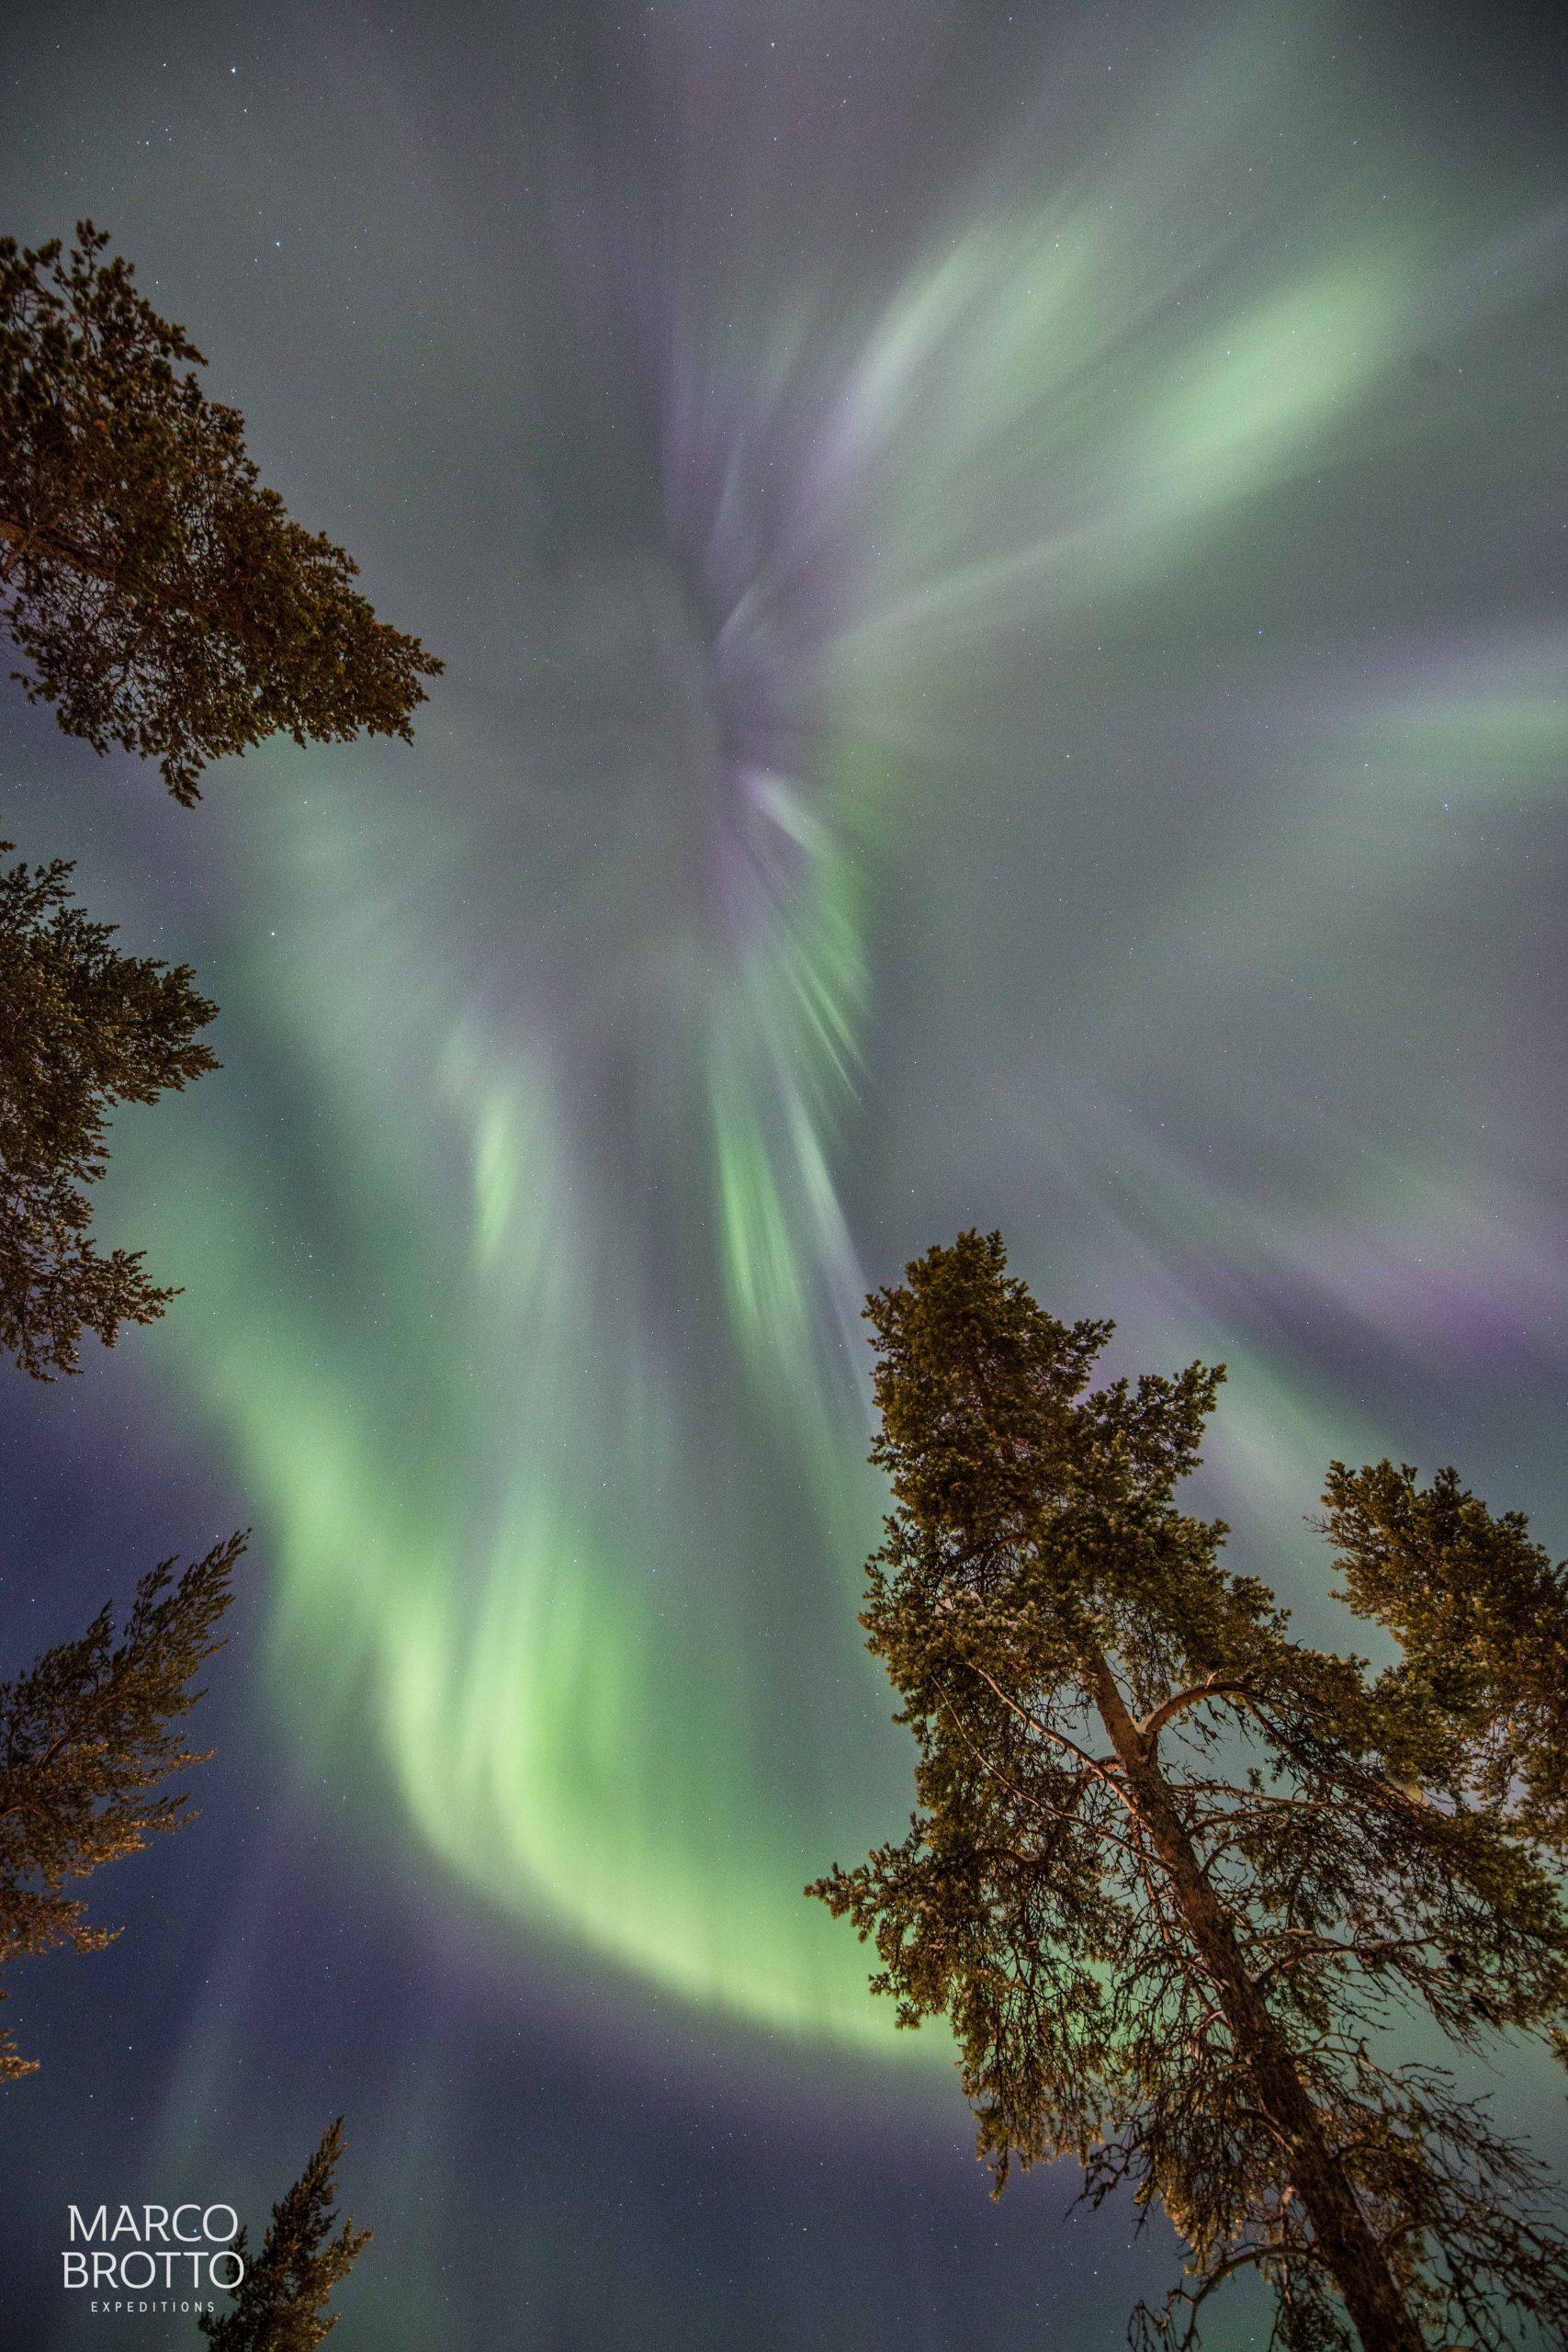 sem título _7_17338Canon EOS 5D Mark III Finlandia 2017 livro .tif - cópia-16497